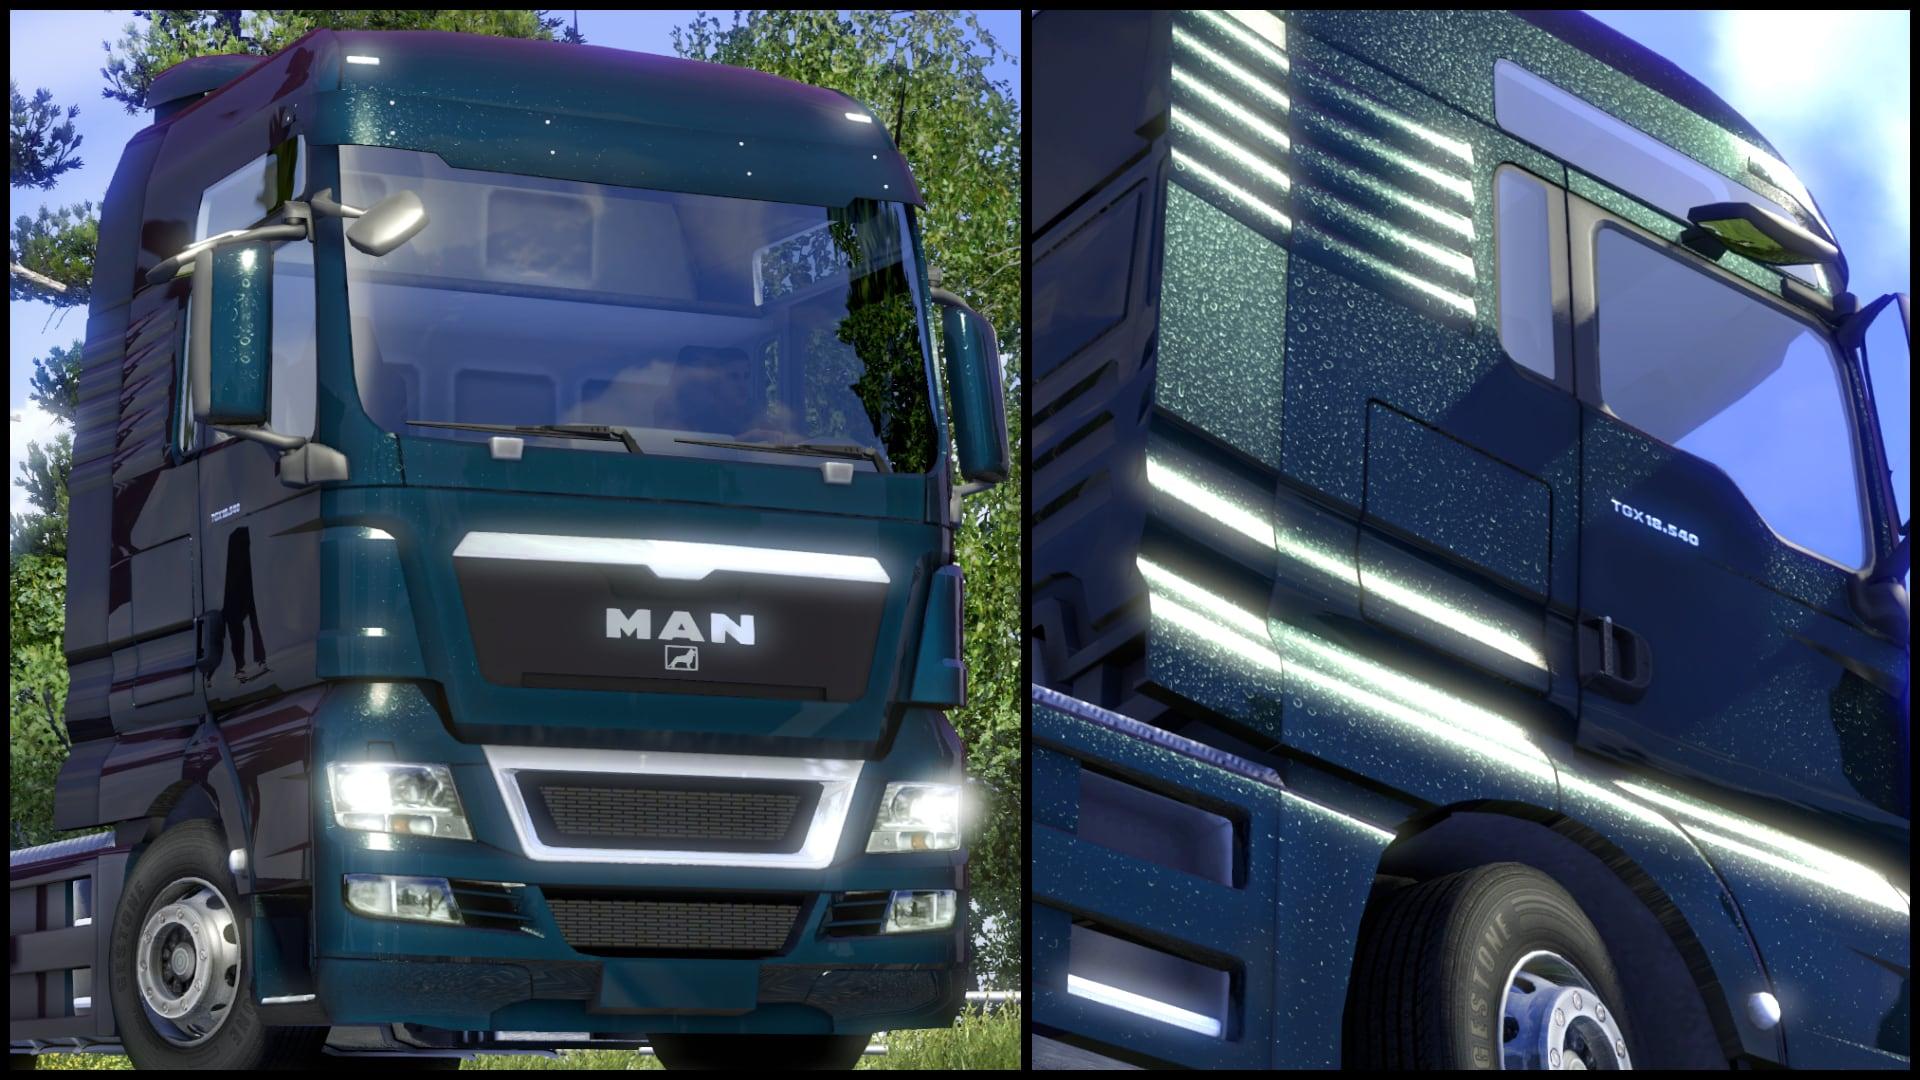 Euro truck simulator 2 metallic paint jobs pack download for Car paint simulator